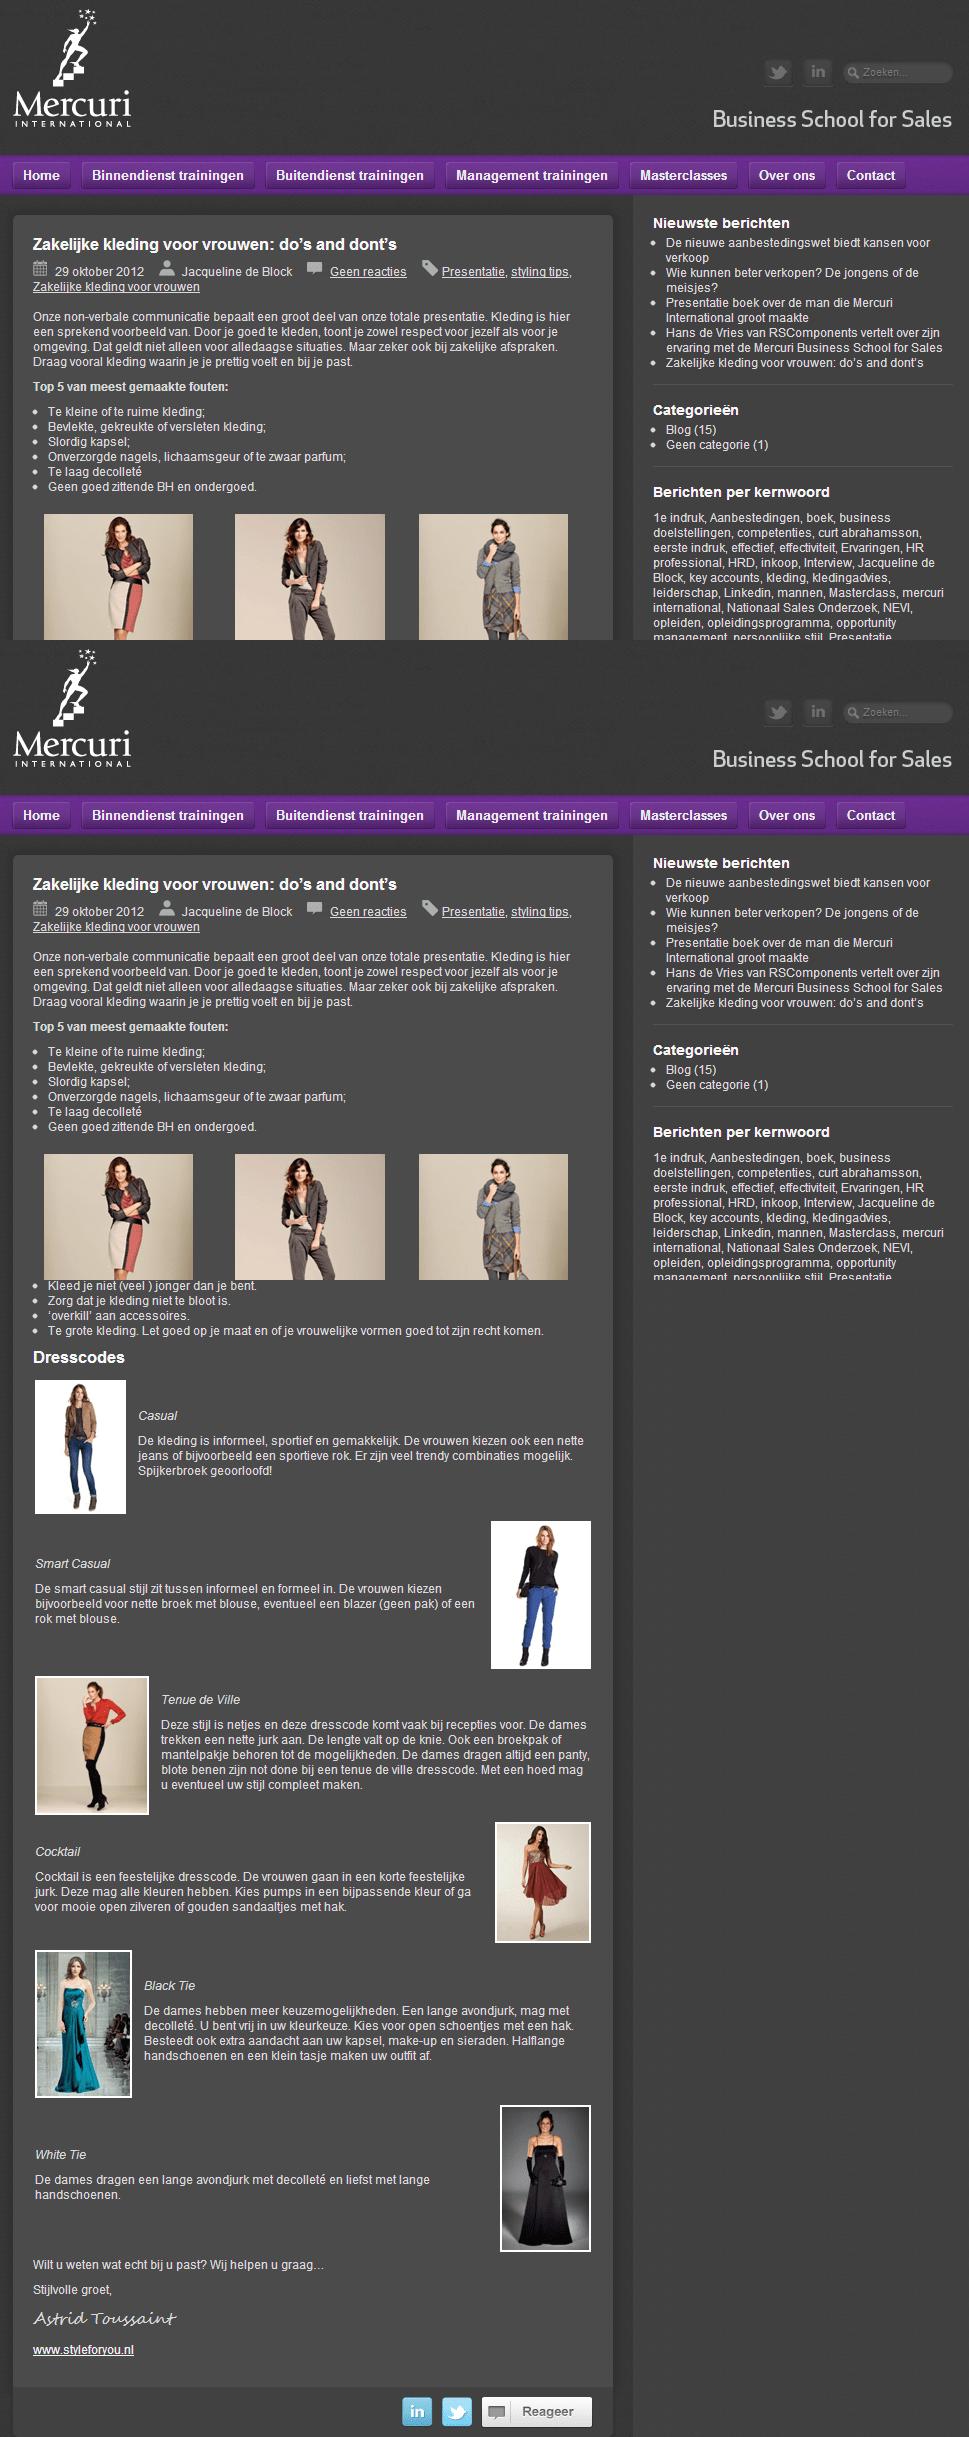 Zakelijke kleding voor vrouwen- do's and dont's - Mercuri Training